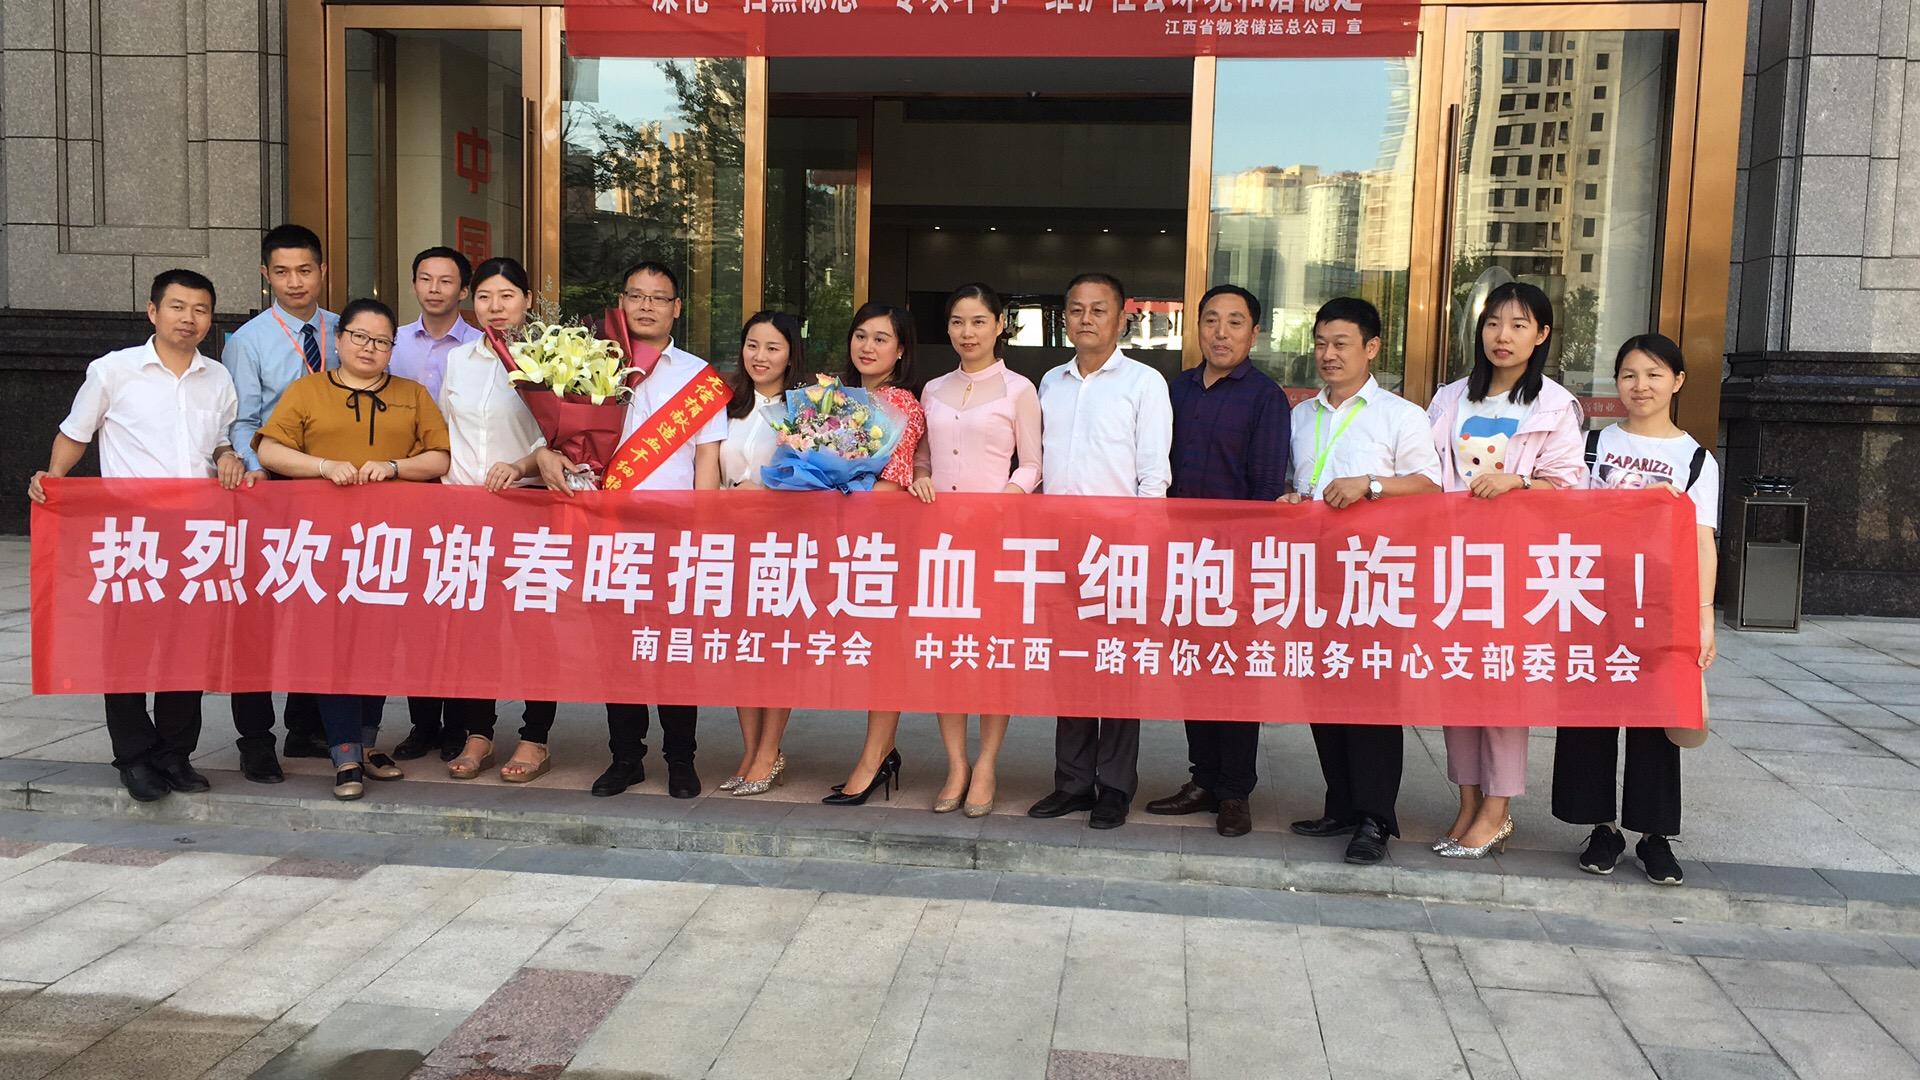 平安人寿江西分公司代理人成功捐献造血干细胞